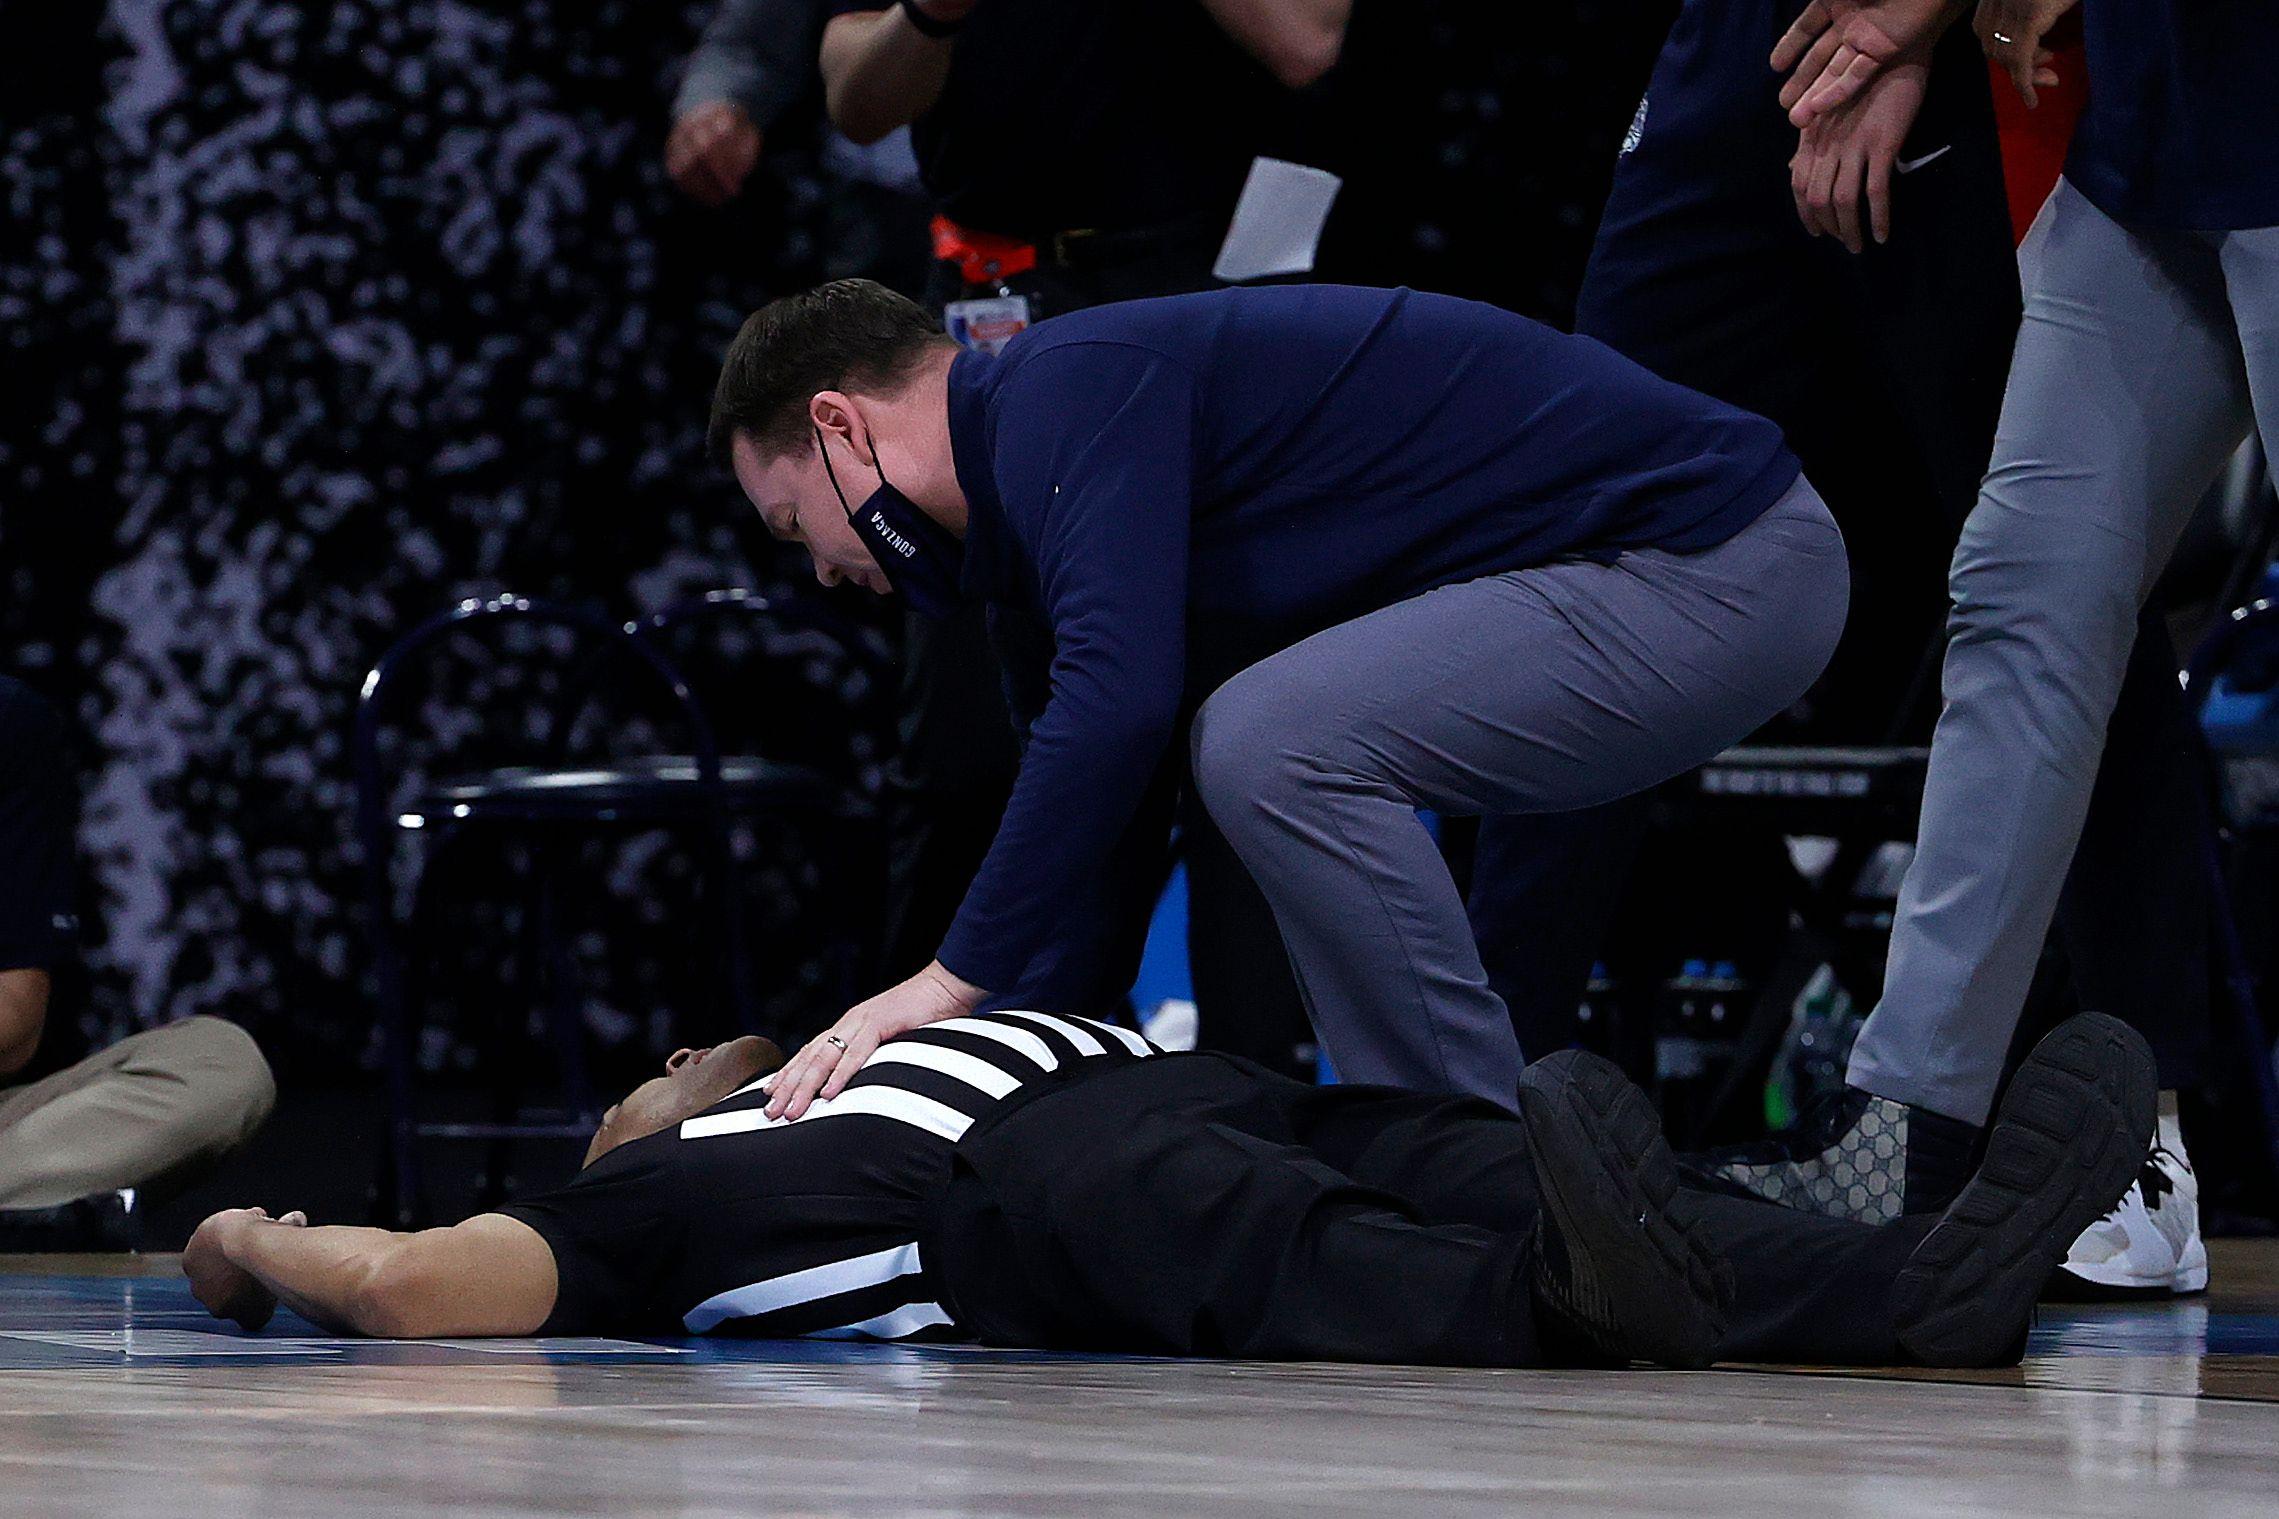 Causó alarma: Así se desplomó un árbitro durante un juego de baloncesto de la NCAA